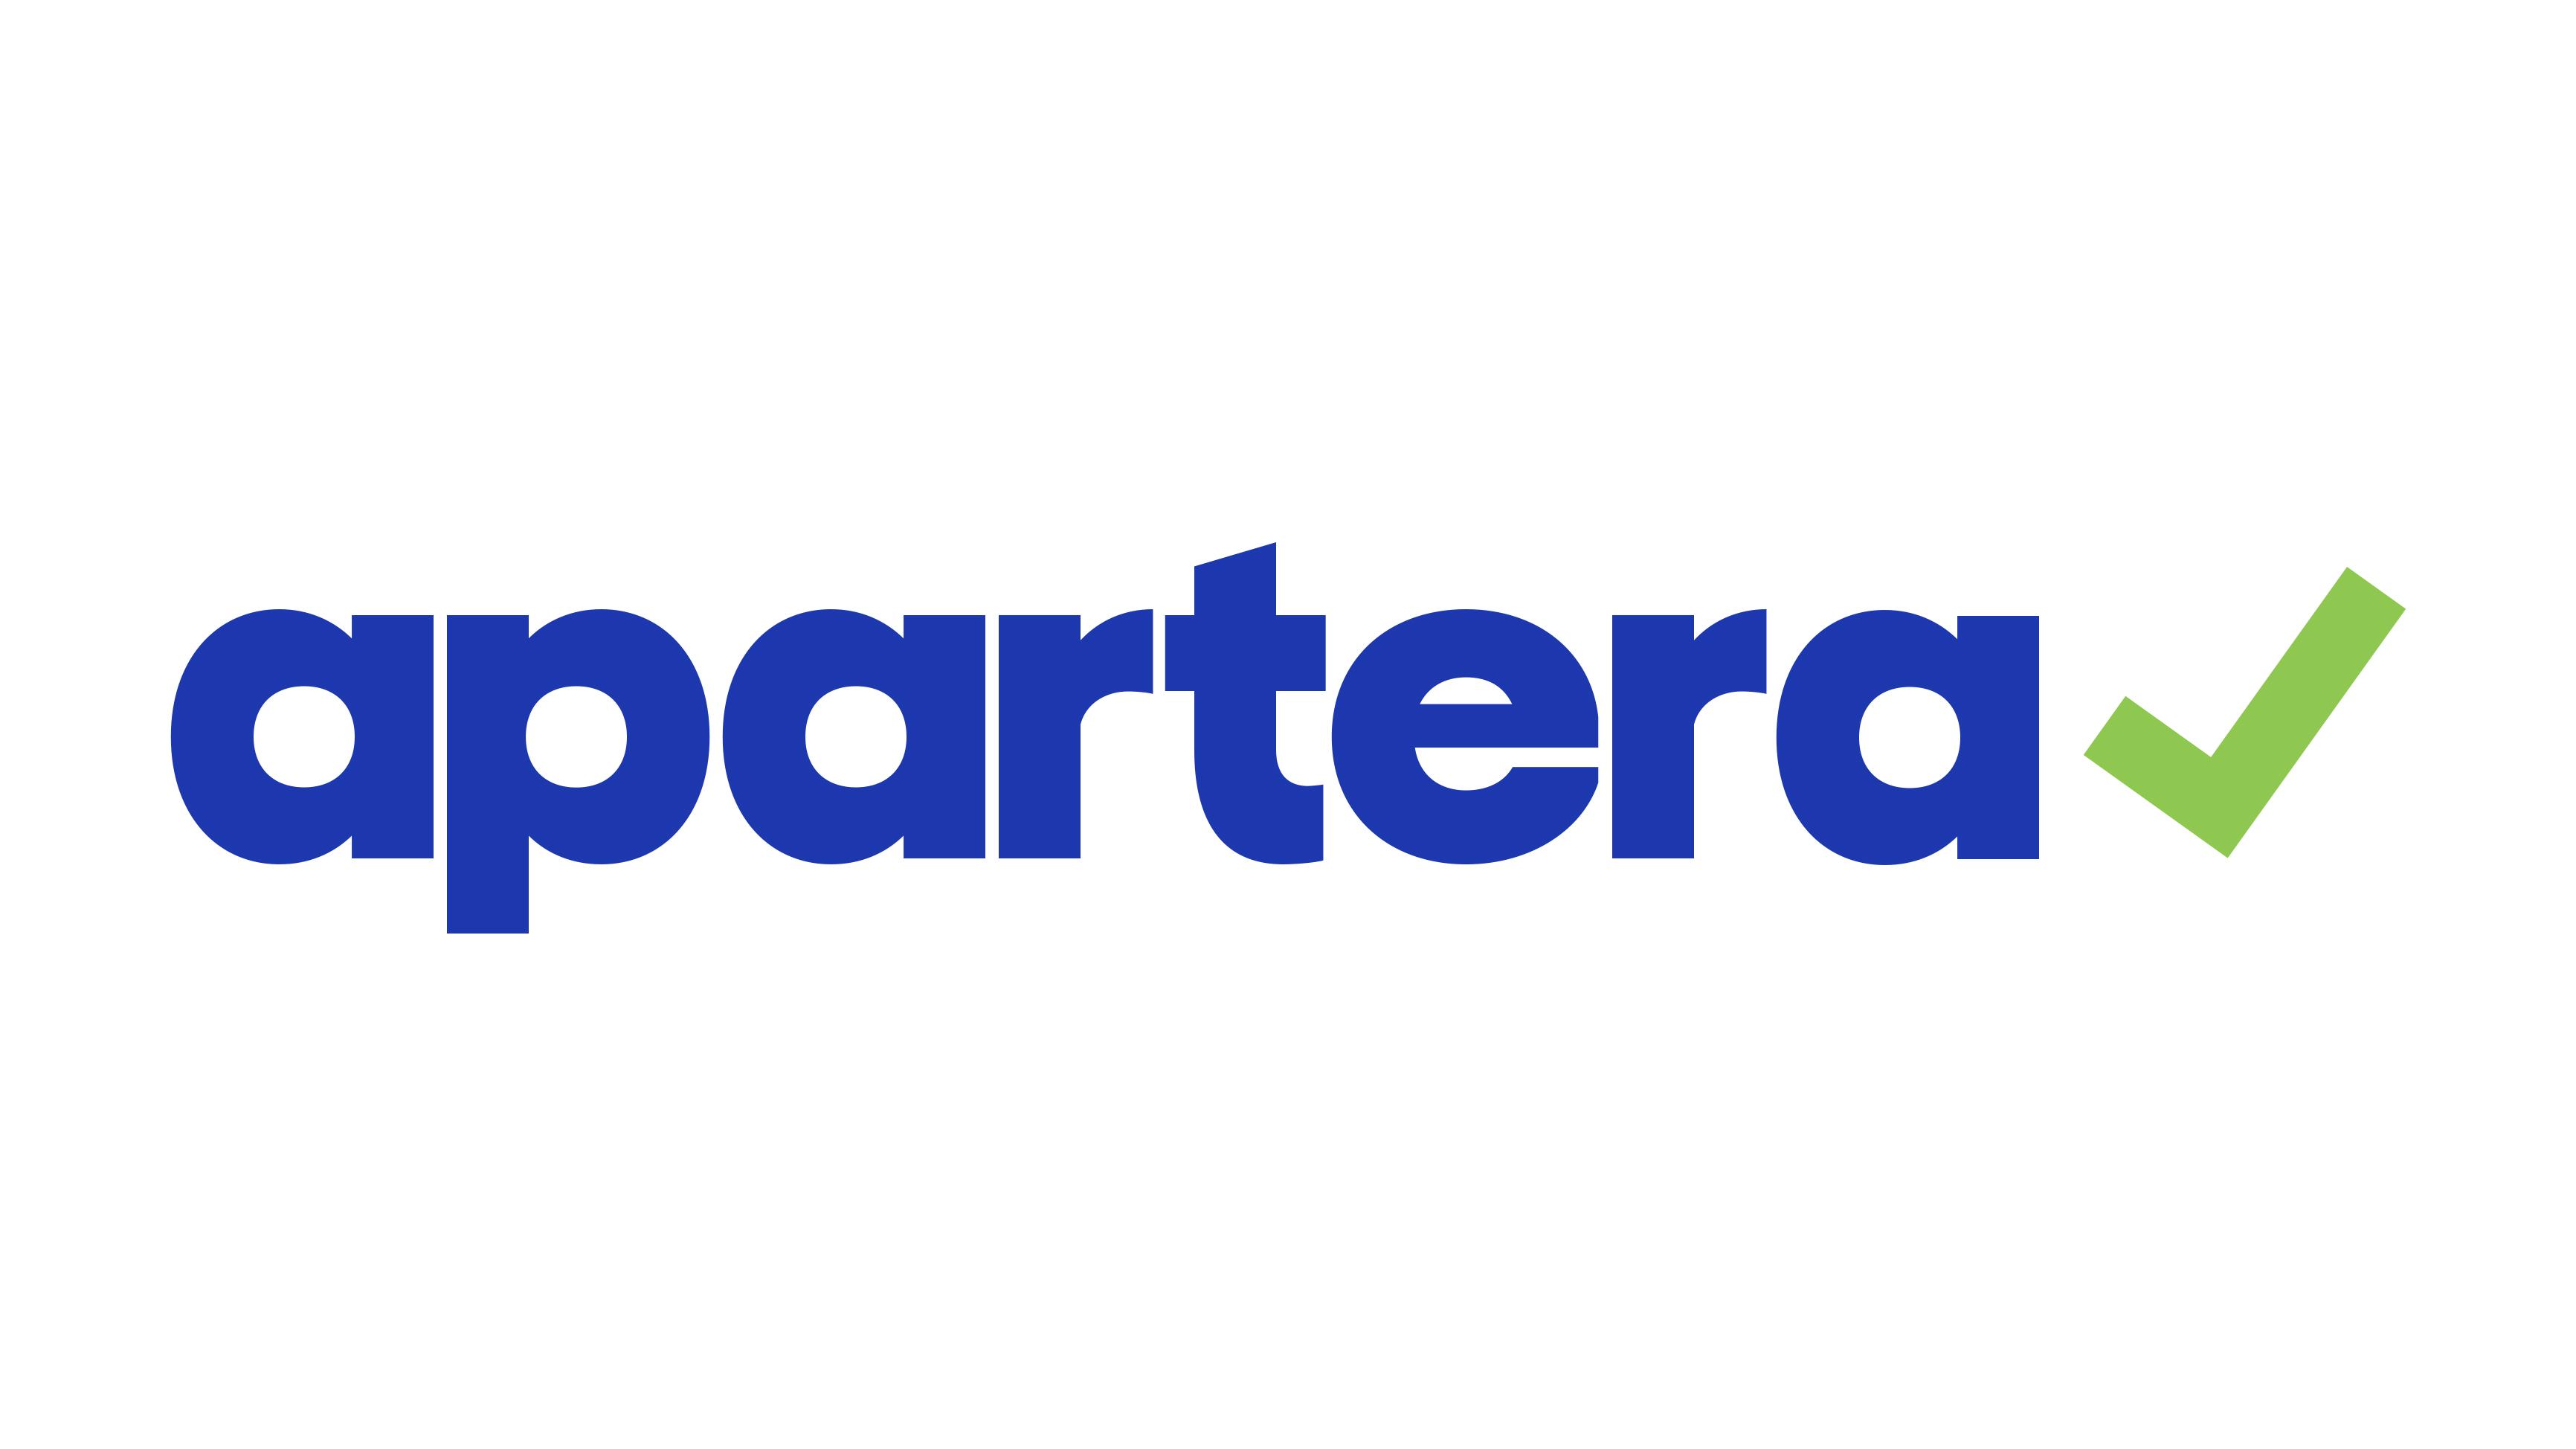 Логотип для управляющей компании  фото f_6385b7d315b5a1f4.jpg